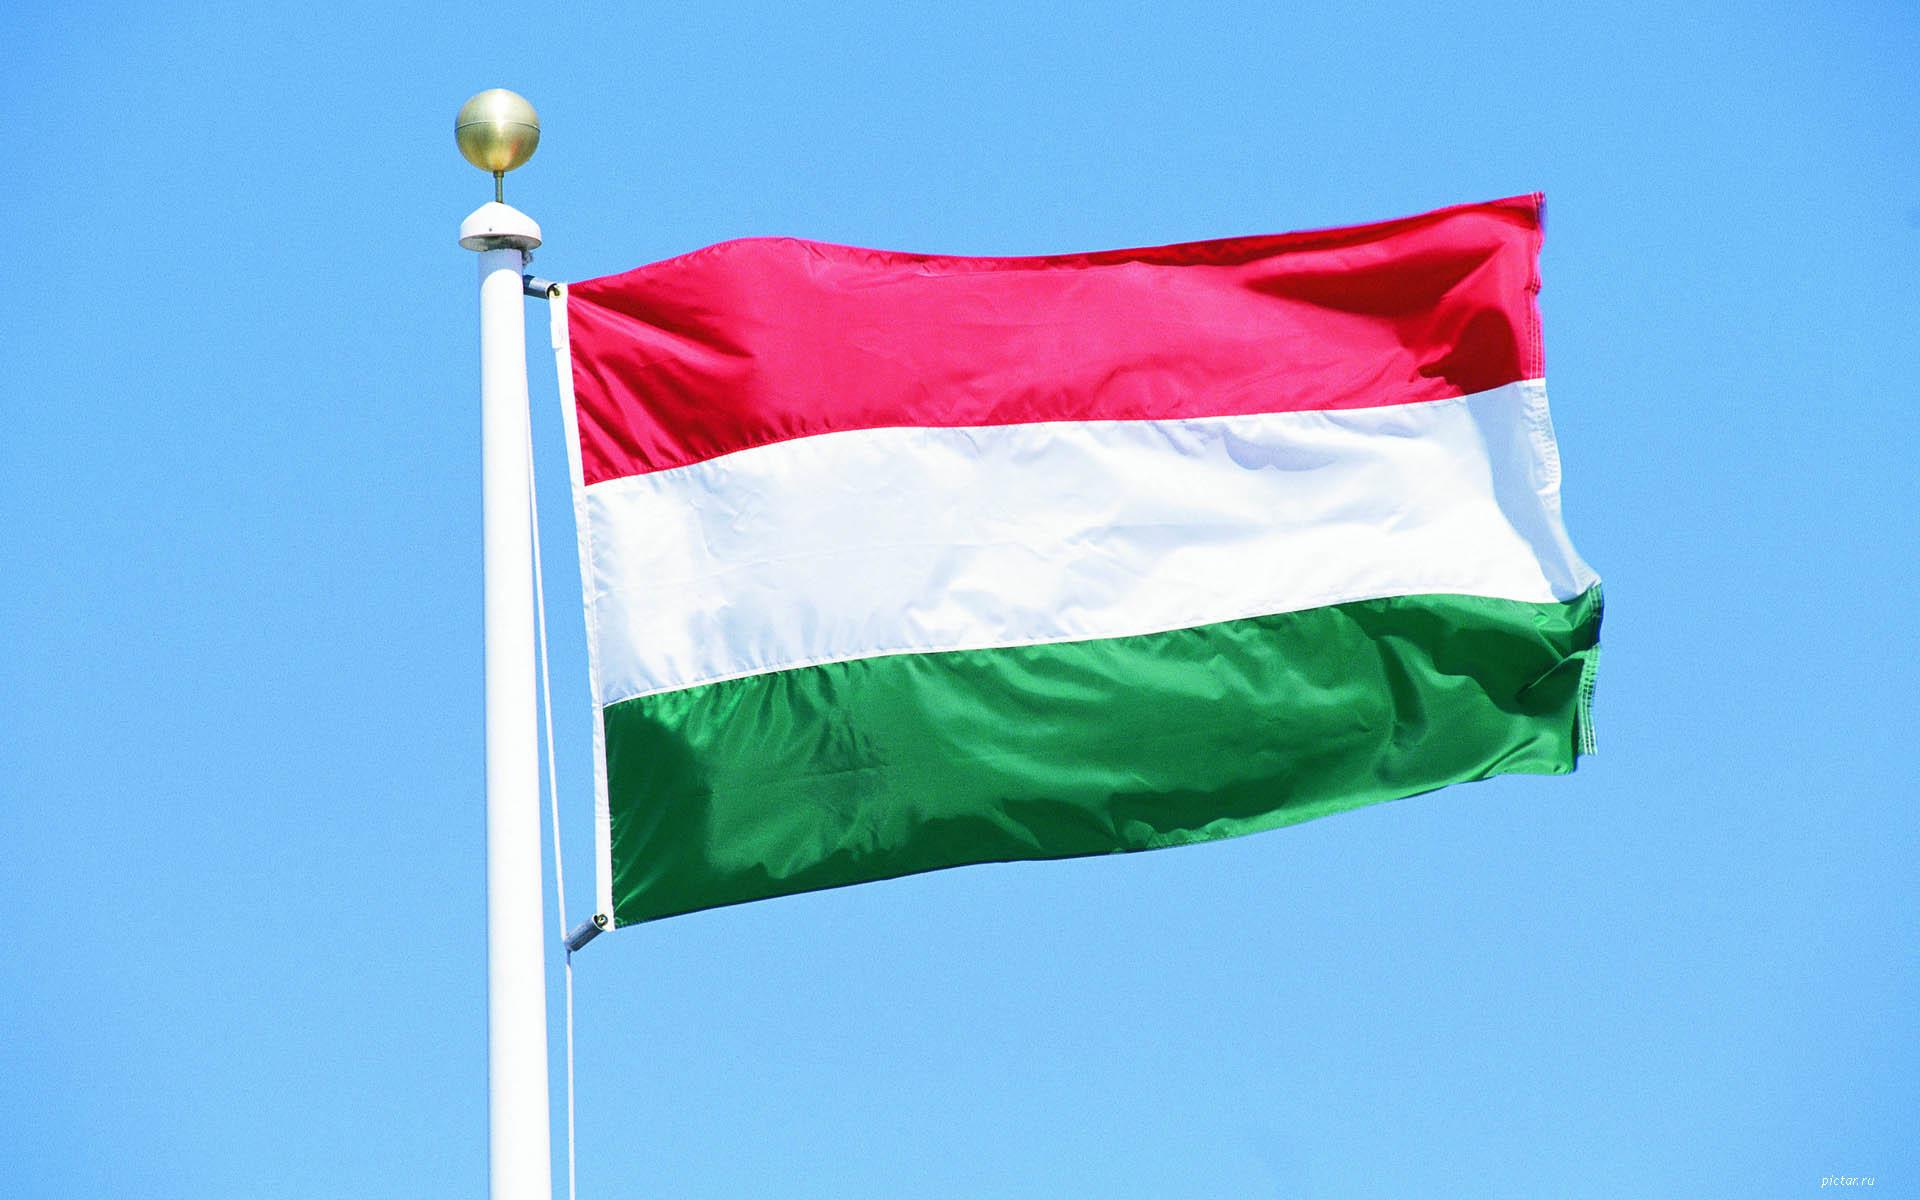 Картинка Венгрия - Картинки Флаги - Бесплатные картинки ...: http://pictar.ru/img-vengriya-32956.htm